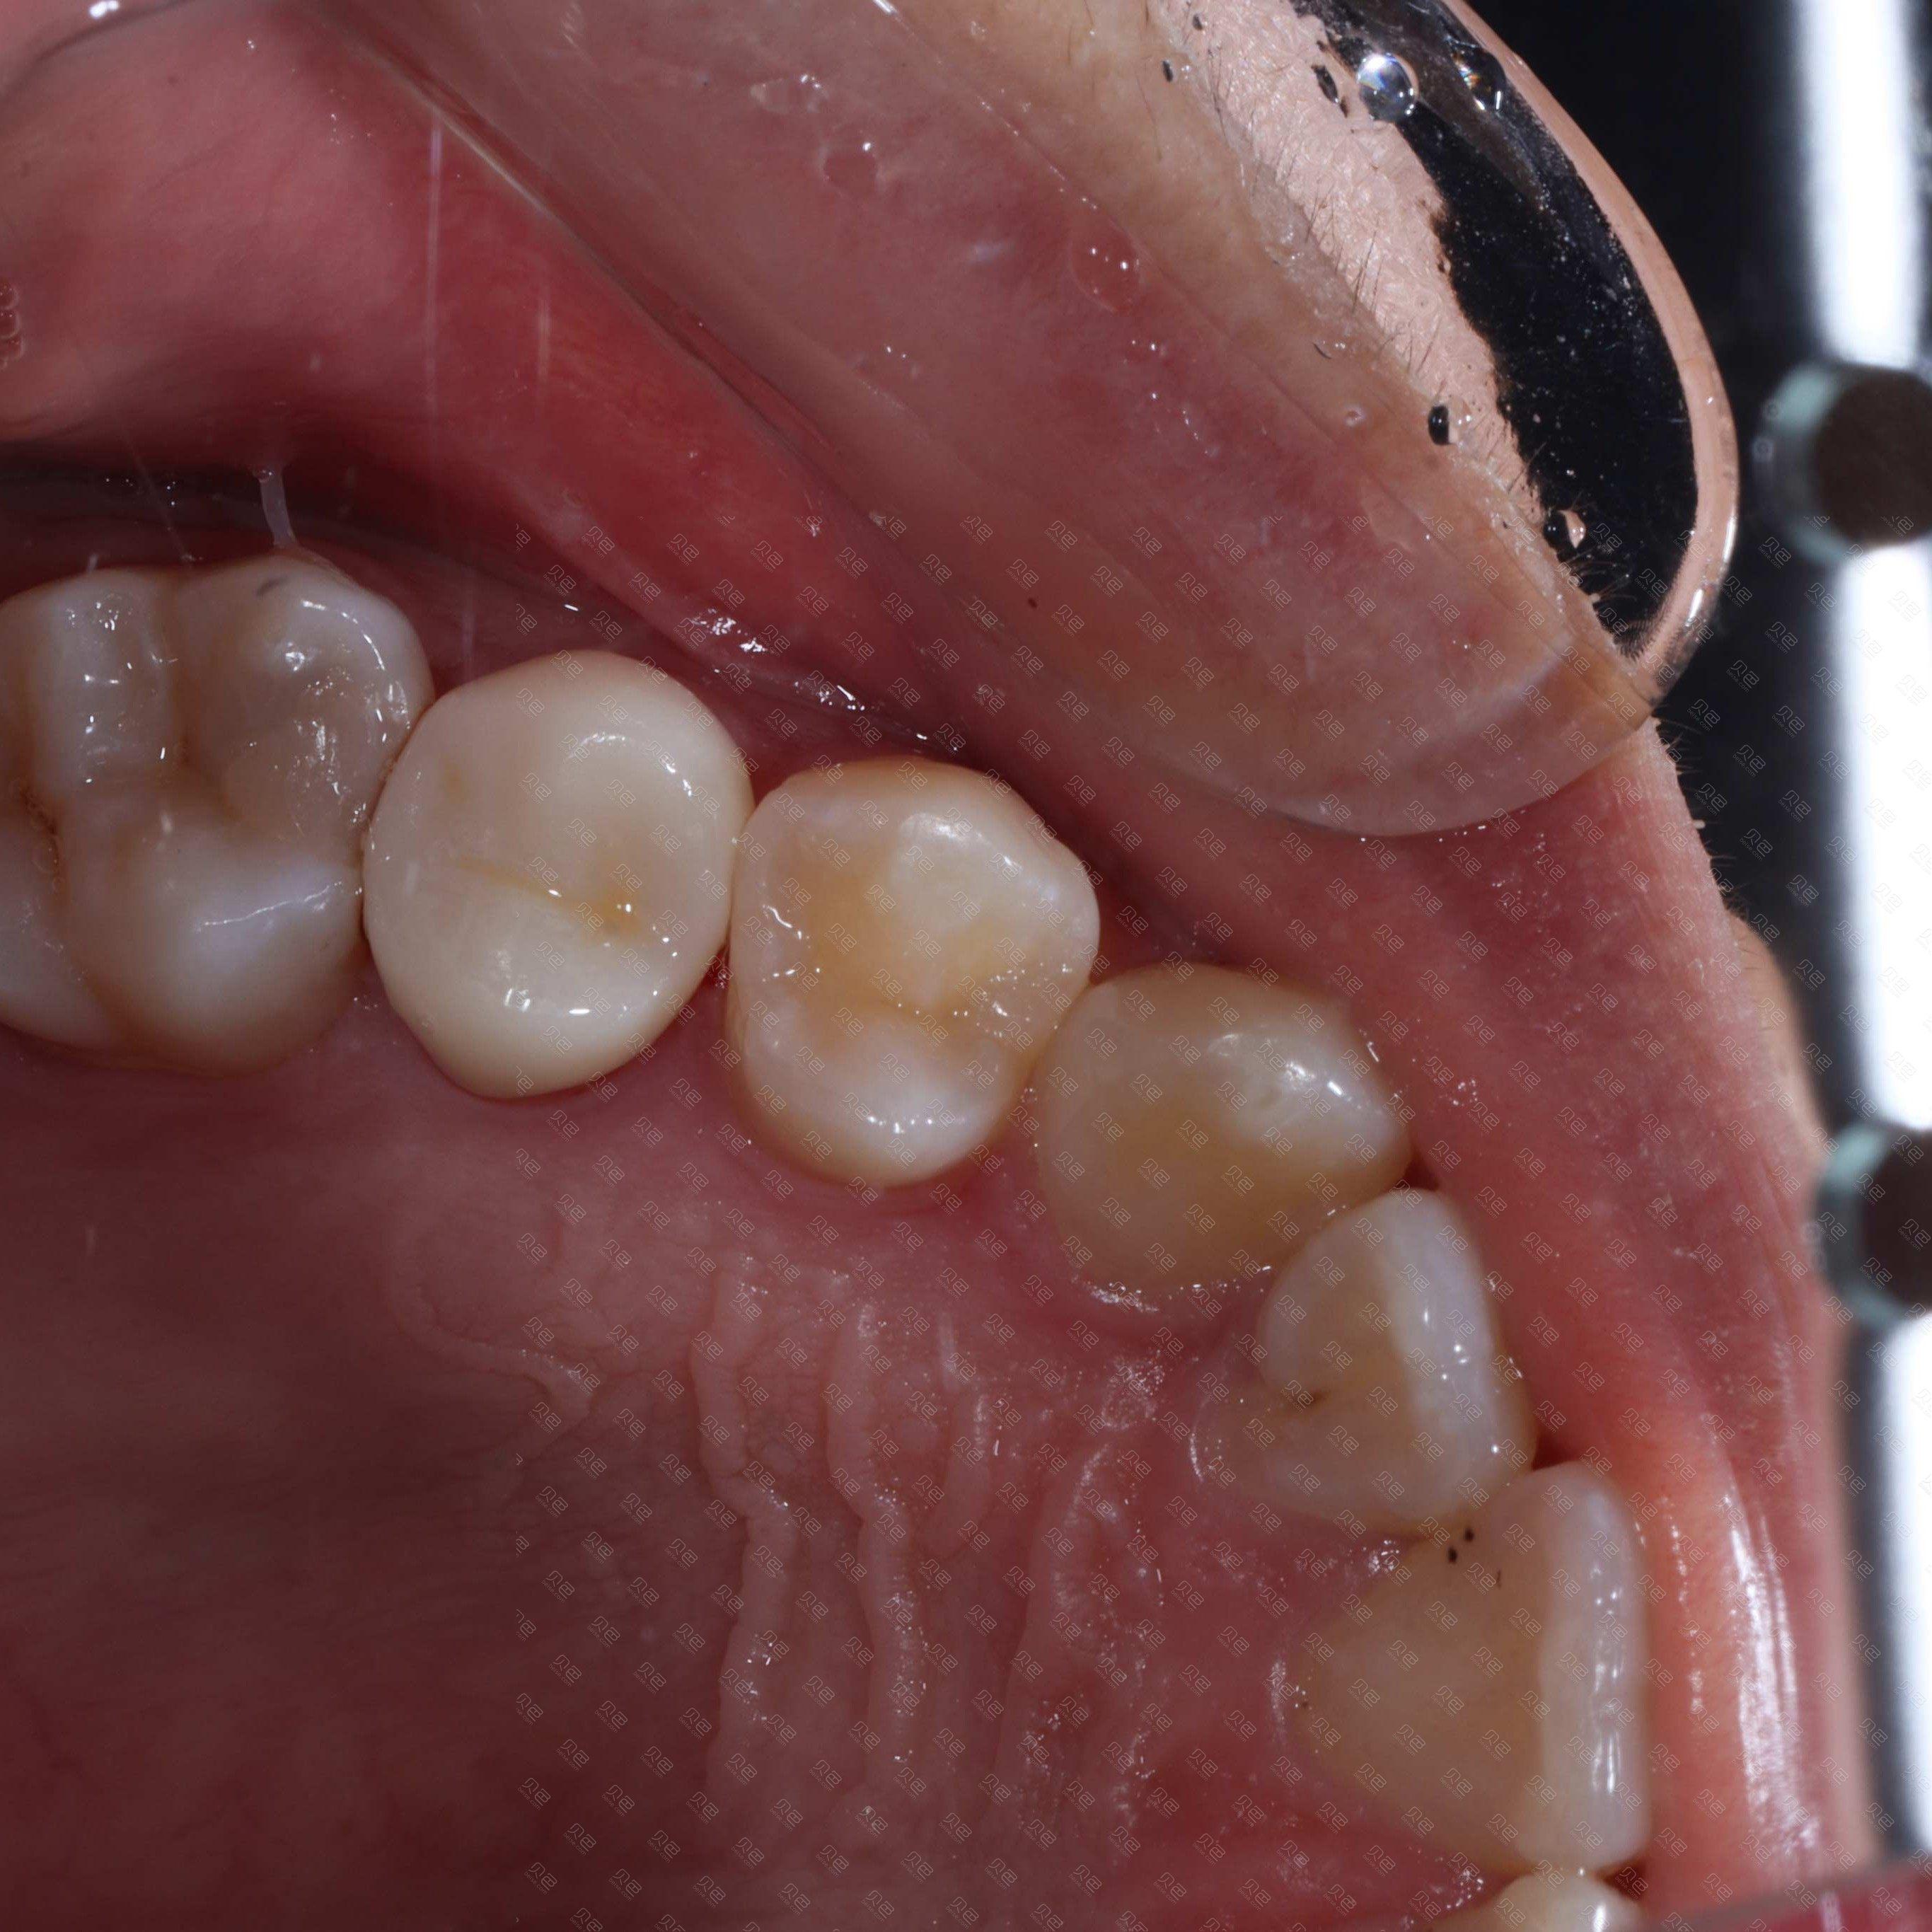 后牙冠修复病例